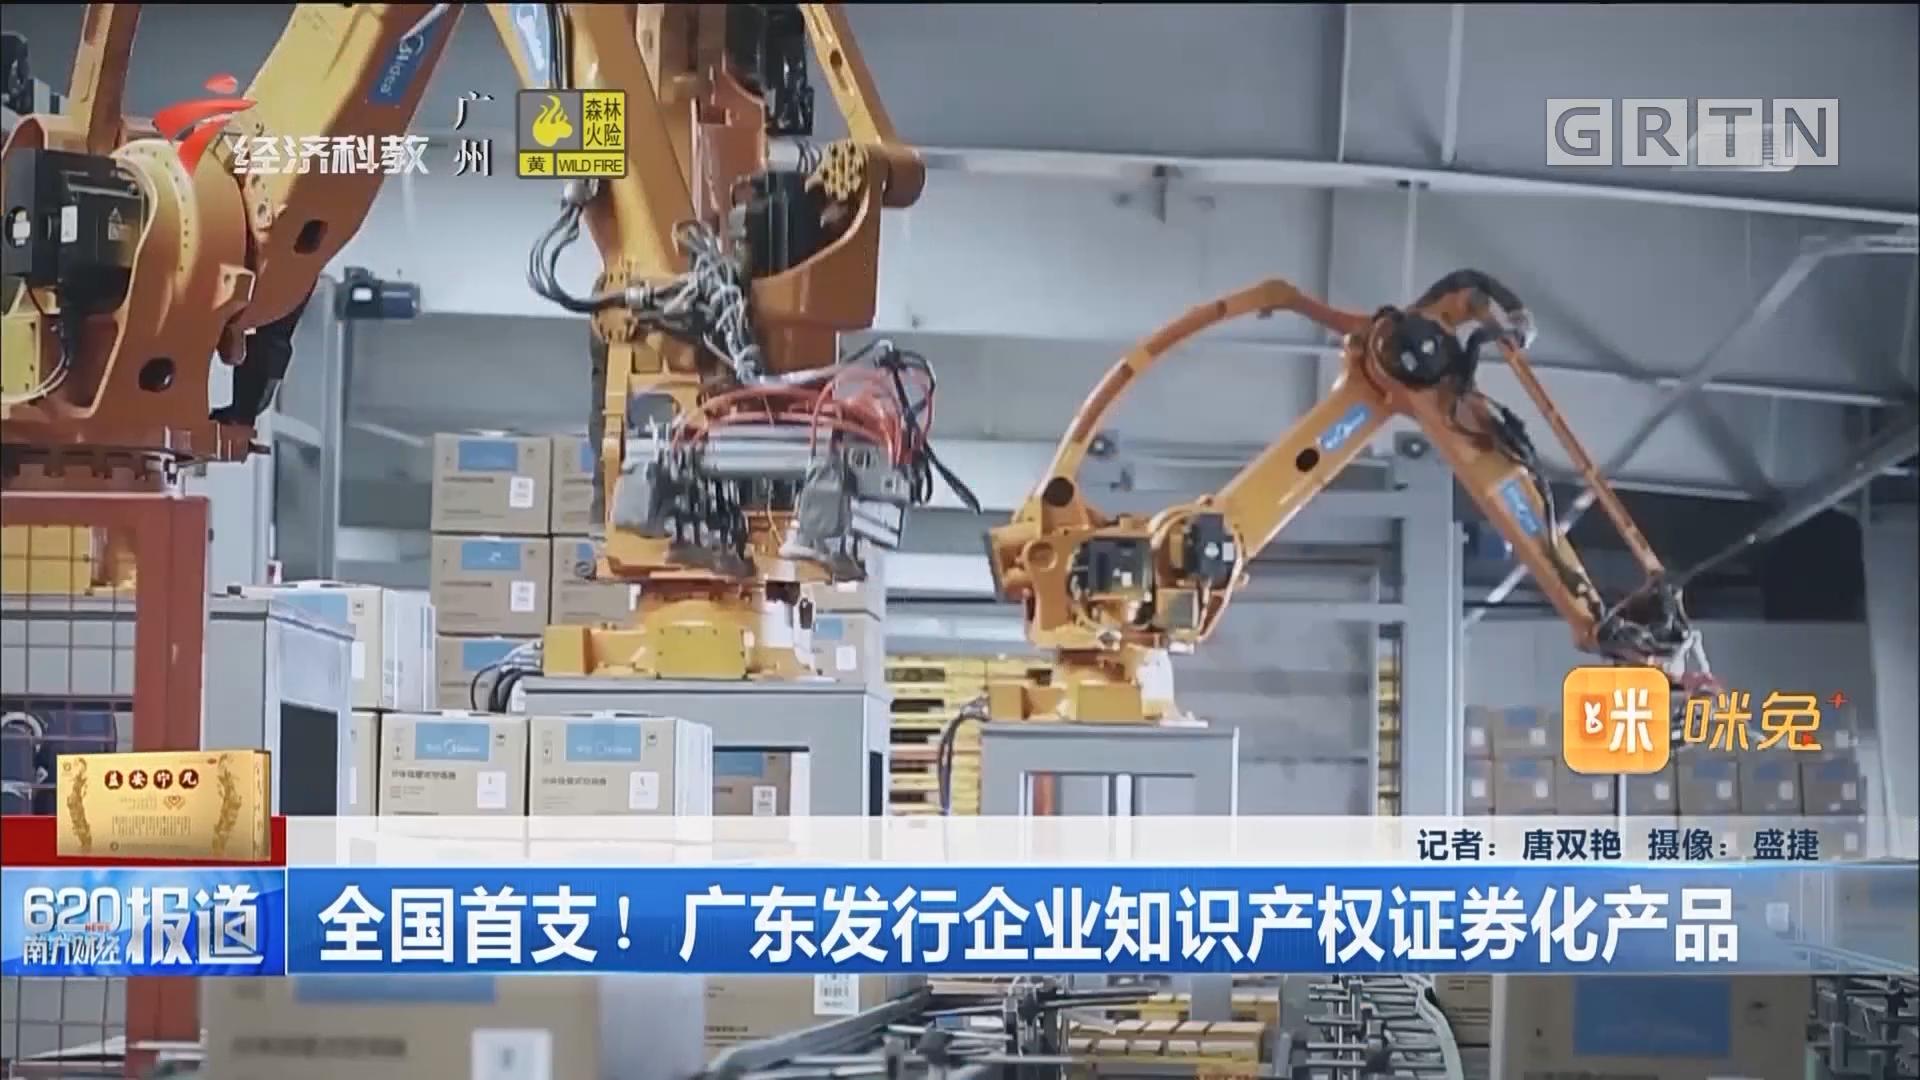 全国首支!广东发行企业知识产权证券化产品